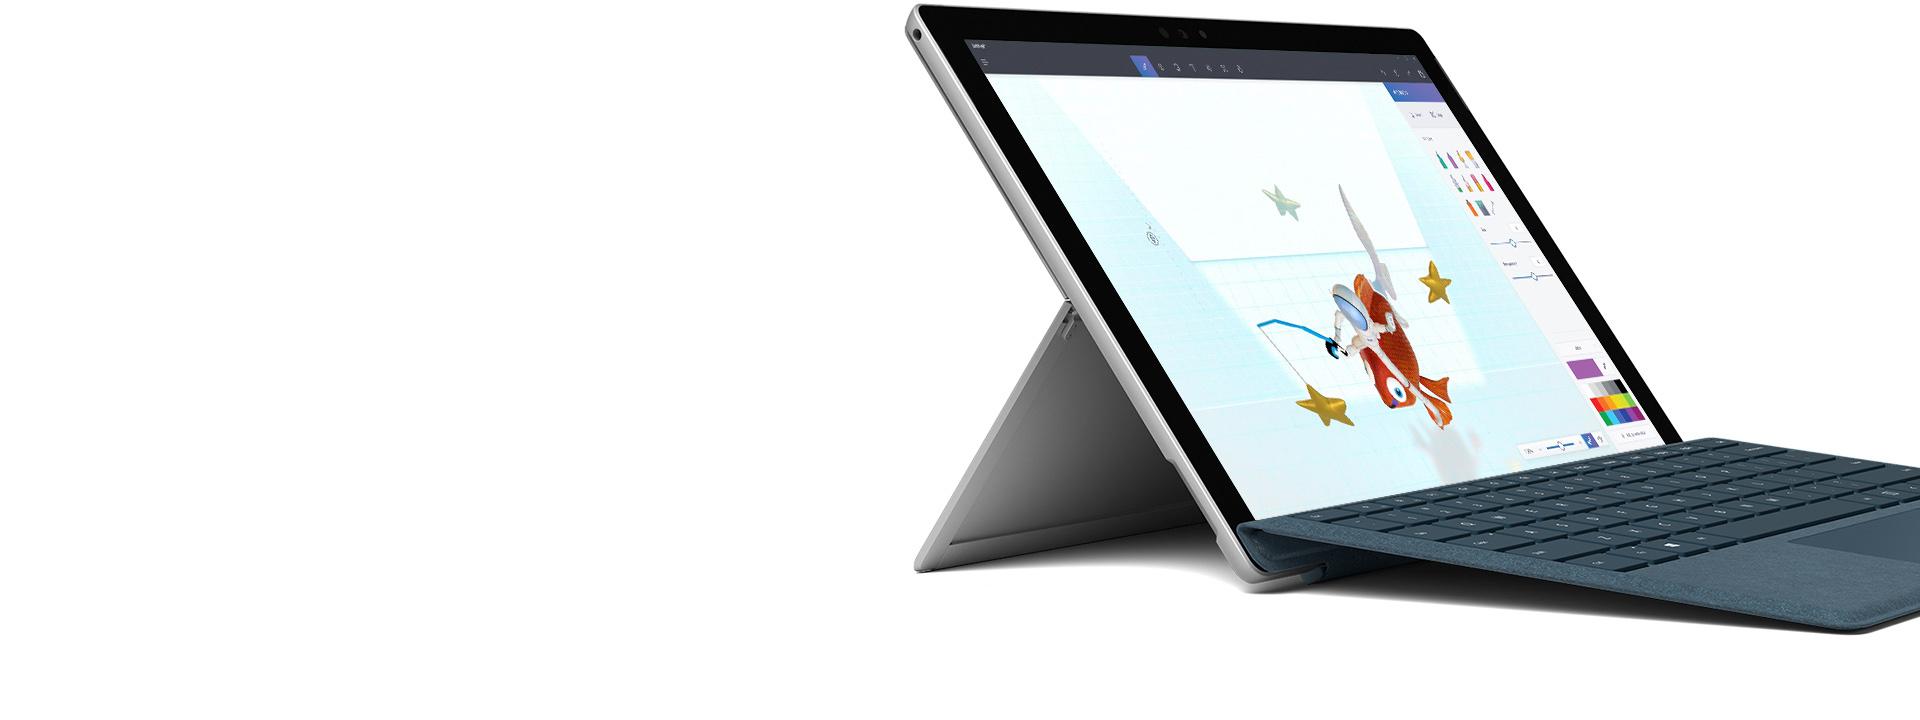 Surface Pro في وضع الكمبيوتر المحمول مع القلم Pen ولوحة مفاتيح Type Cover